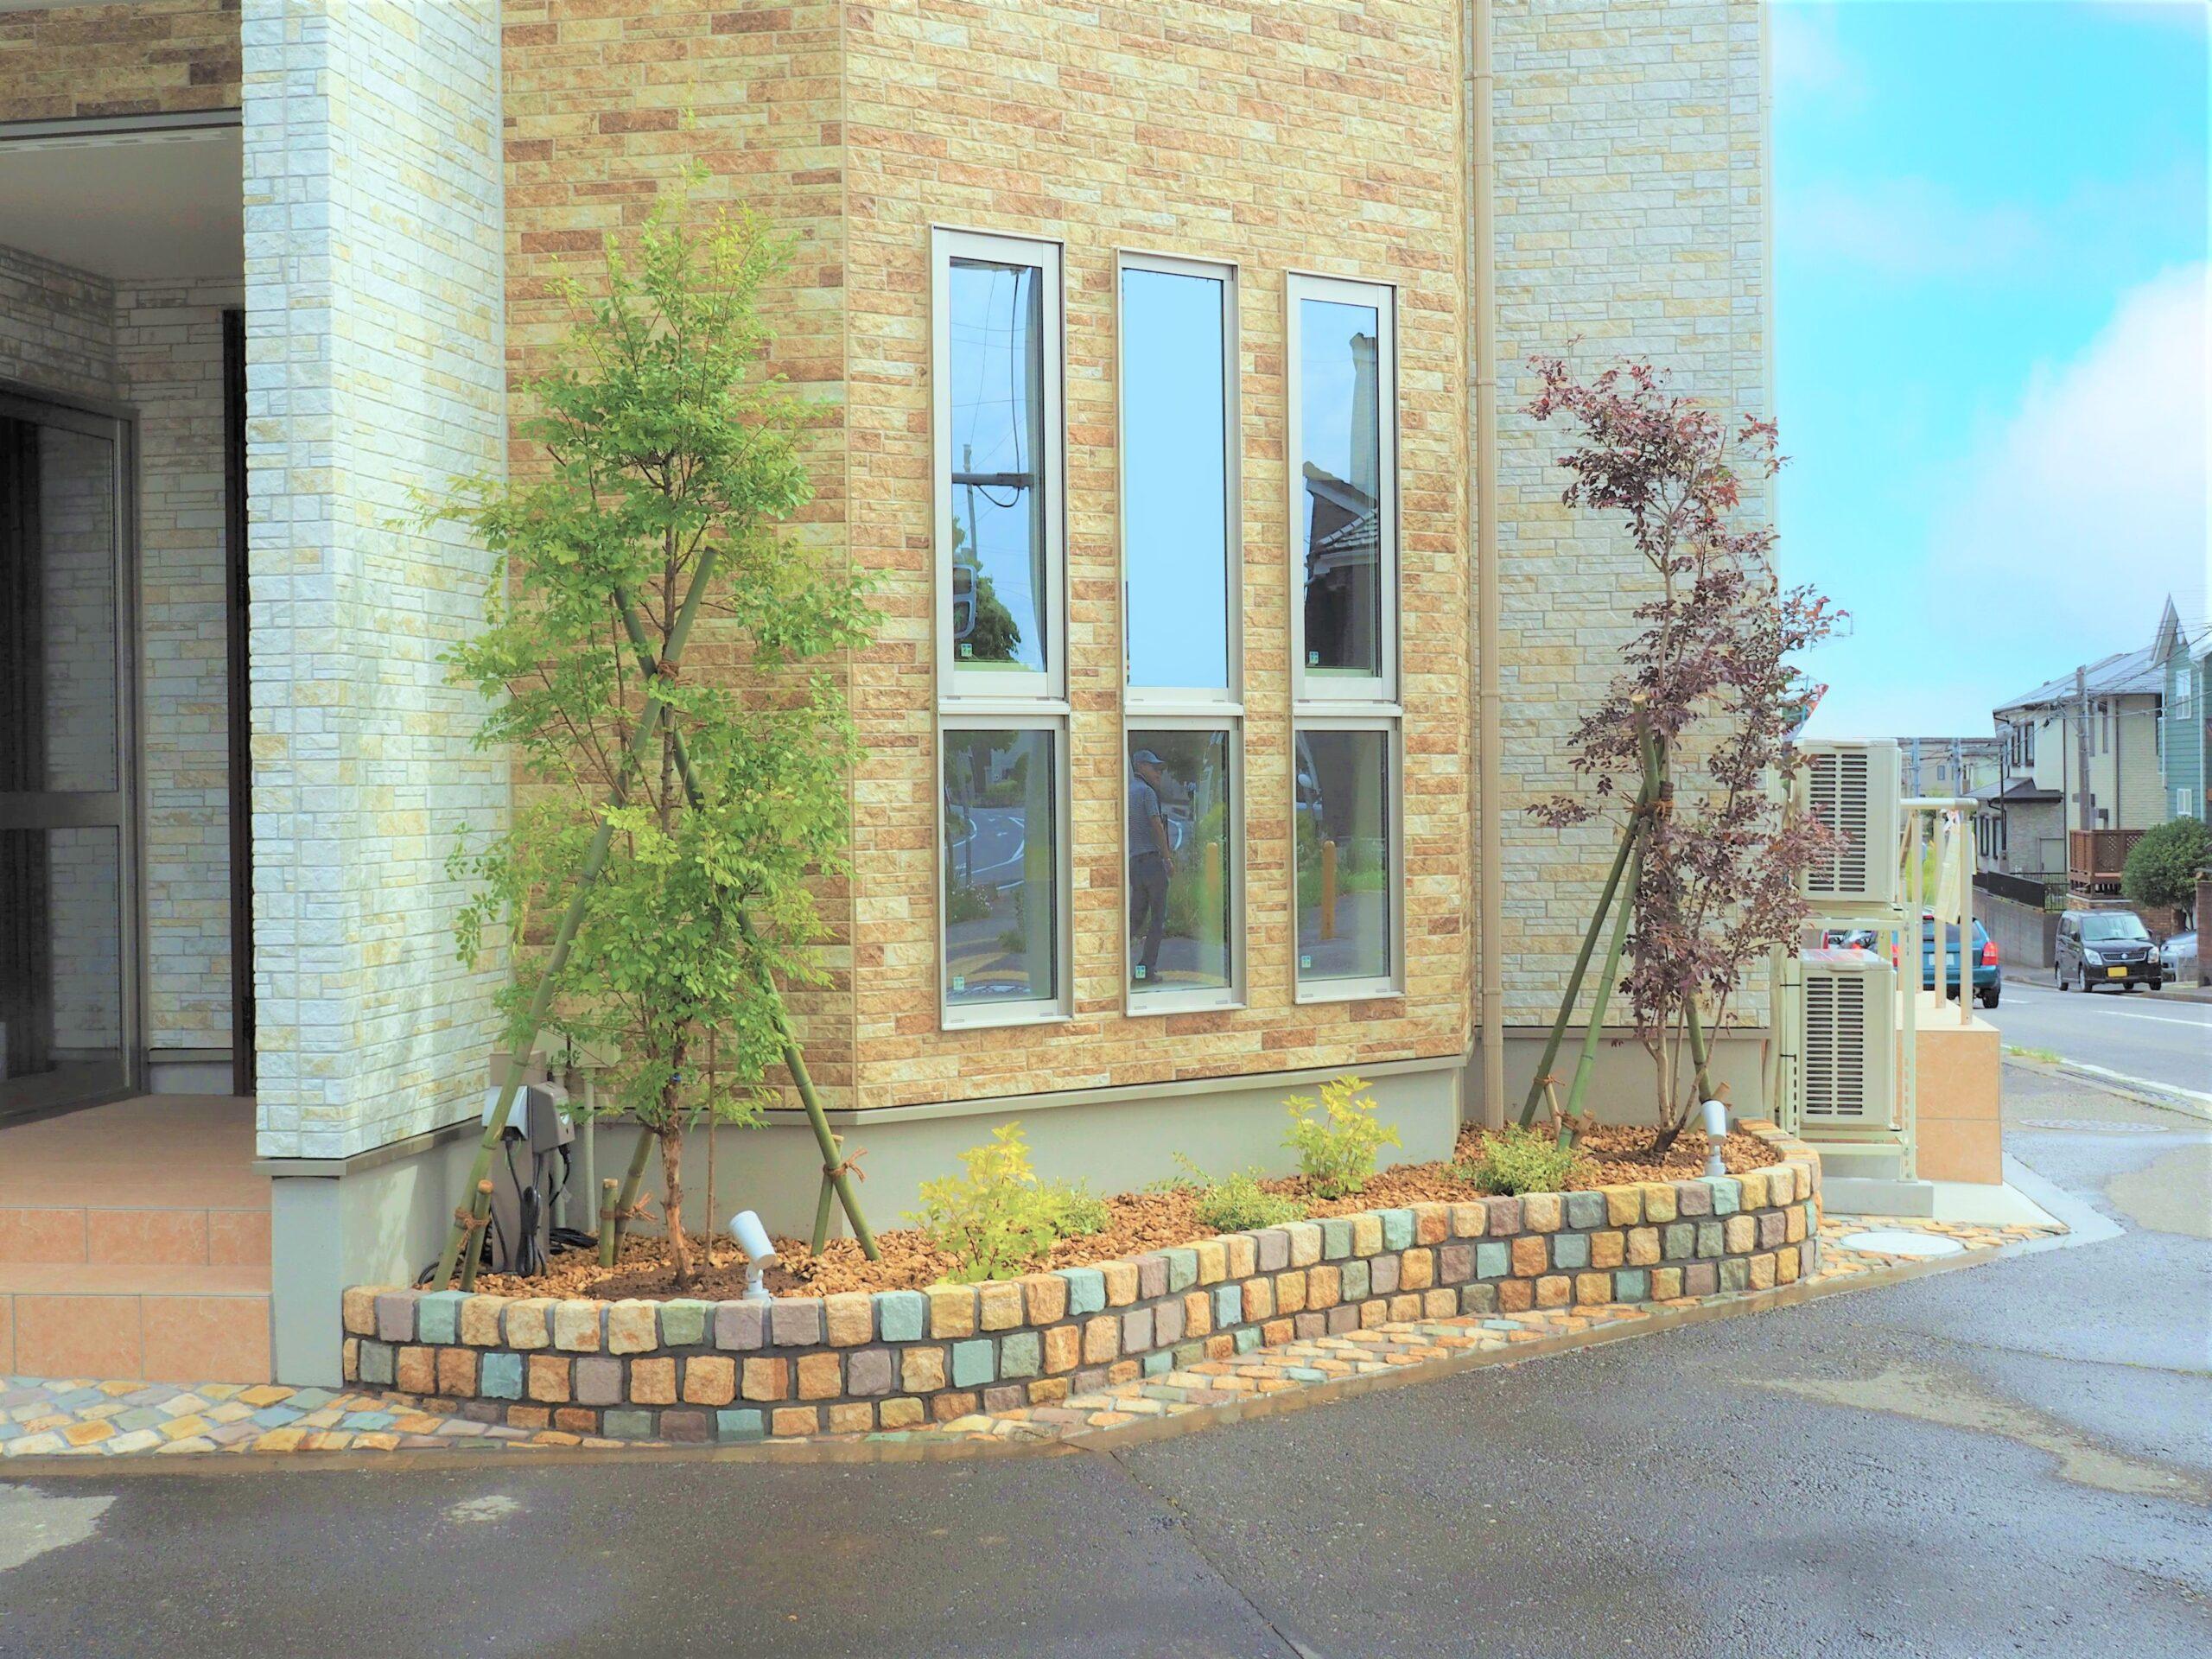 【守谷市 I様邸】 インパクトのあるピンコロ花壇が可愛らしい印象を与える新築外構